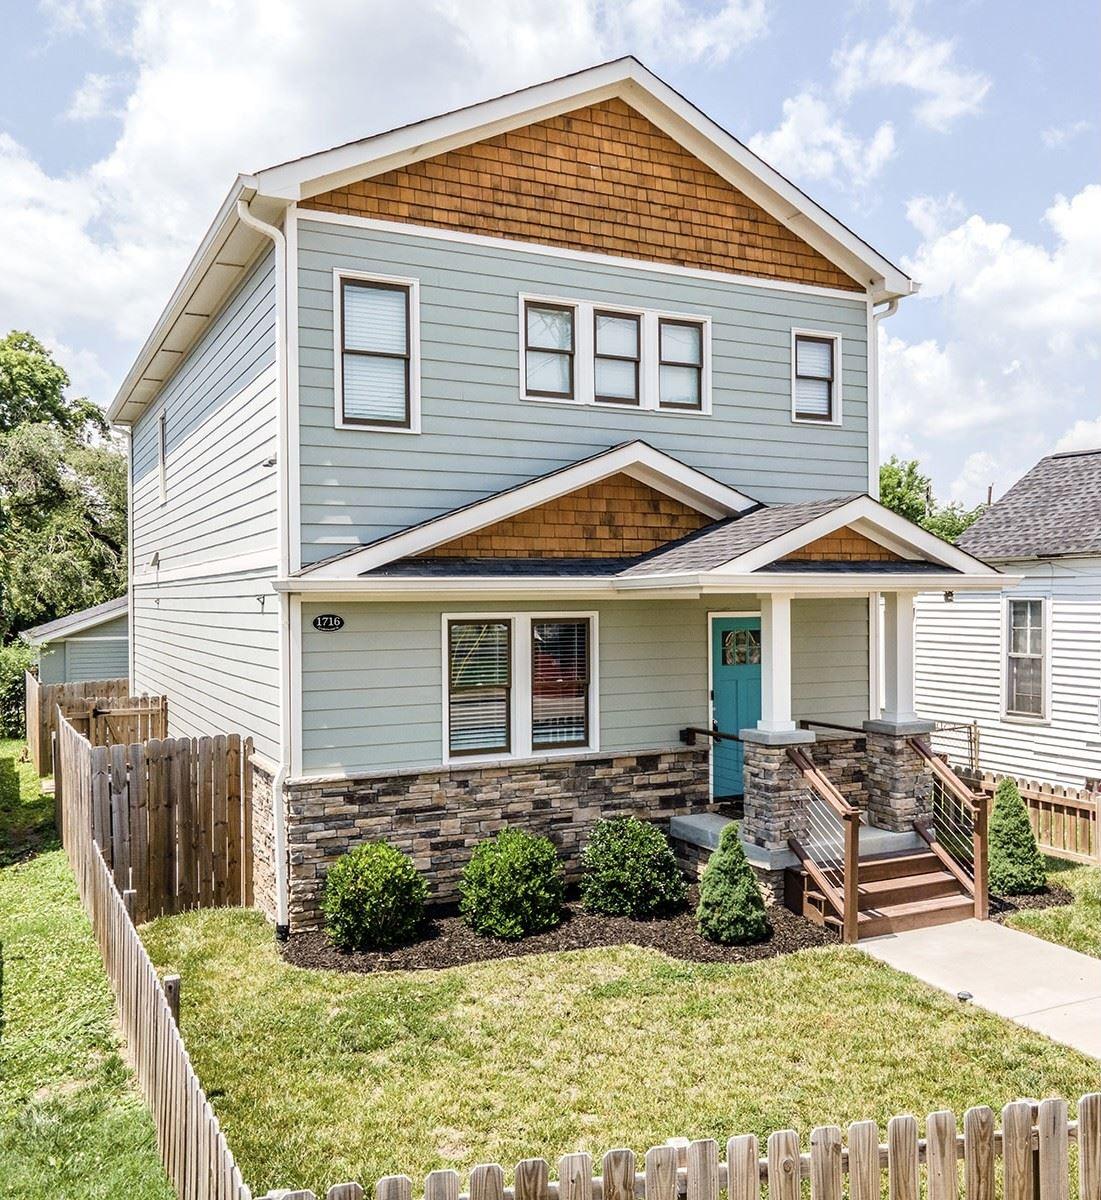 1716 Underwood St, Nashville, TN 37208 - MLS#: 2260572